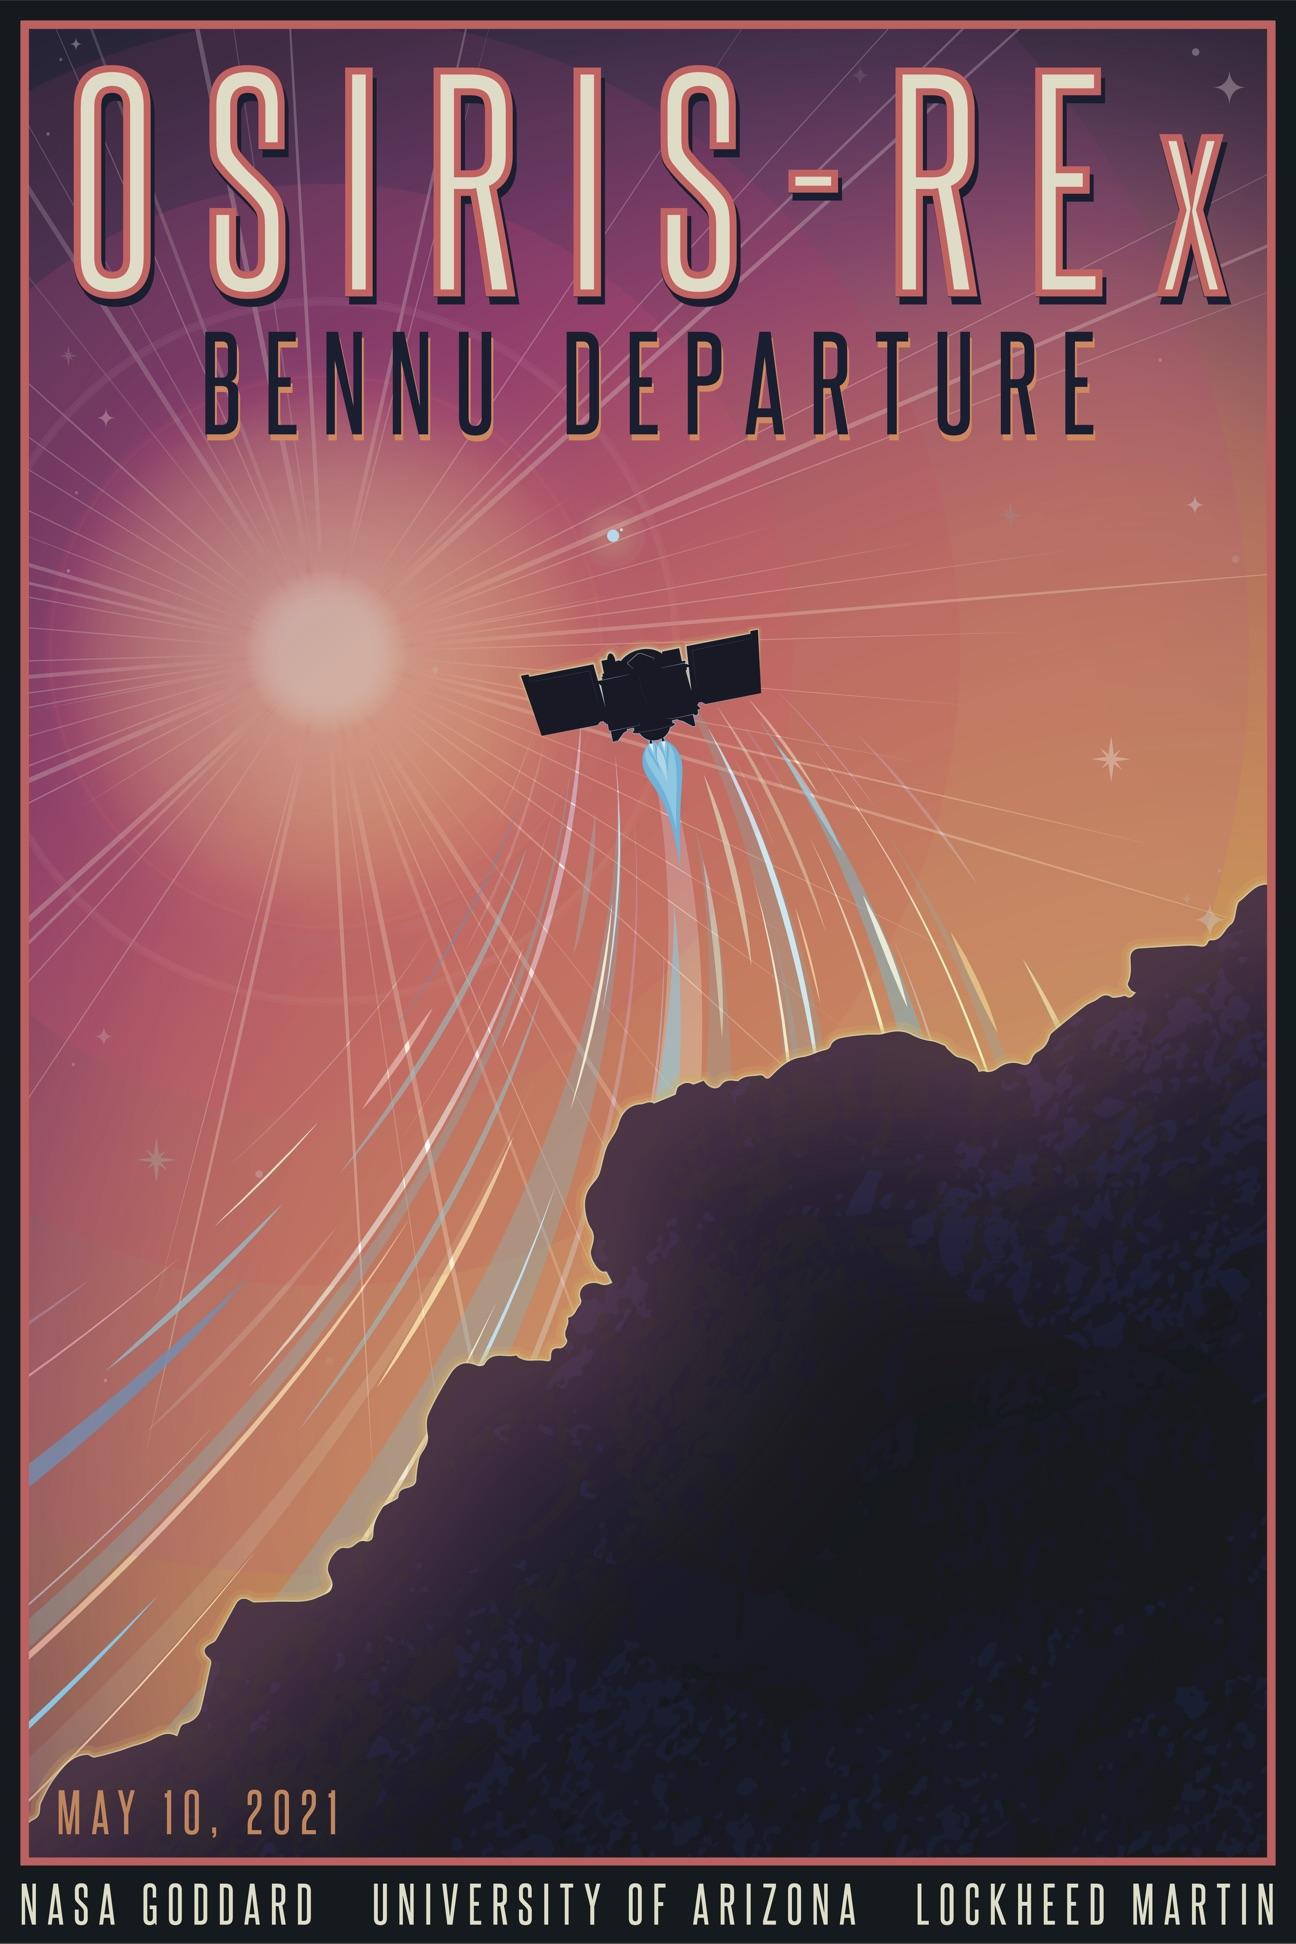 Il poster creato dalla NASA per la partenza di OSIRIS-REx da Bennu. Credits: NASA